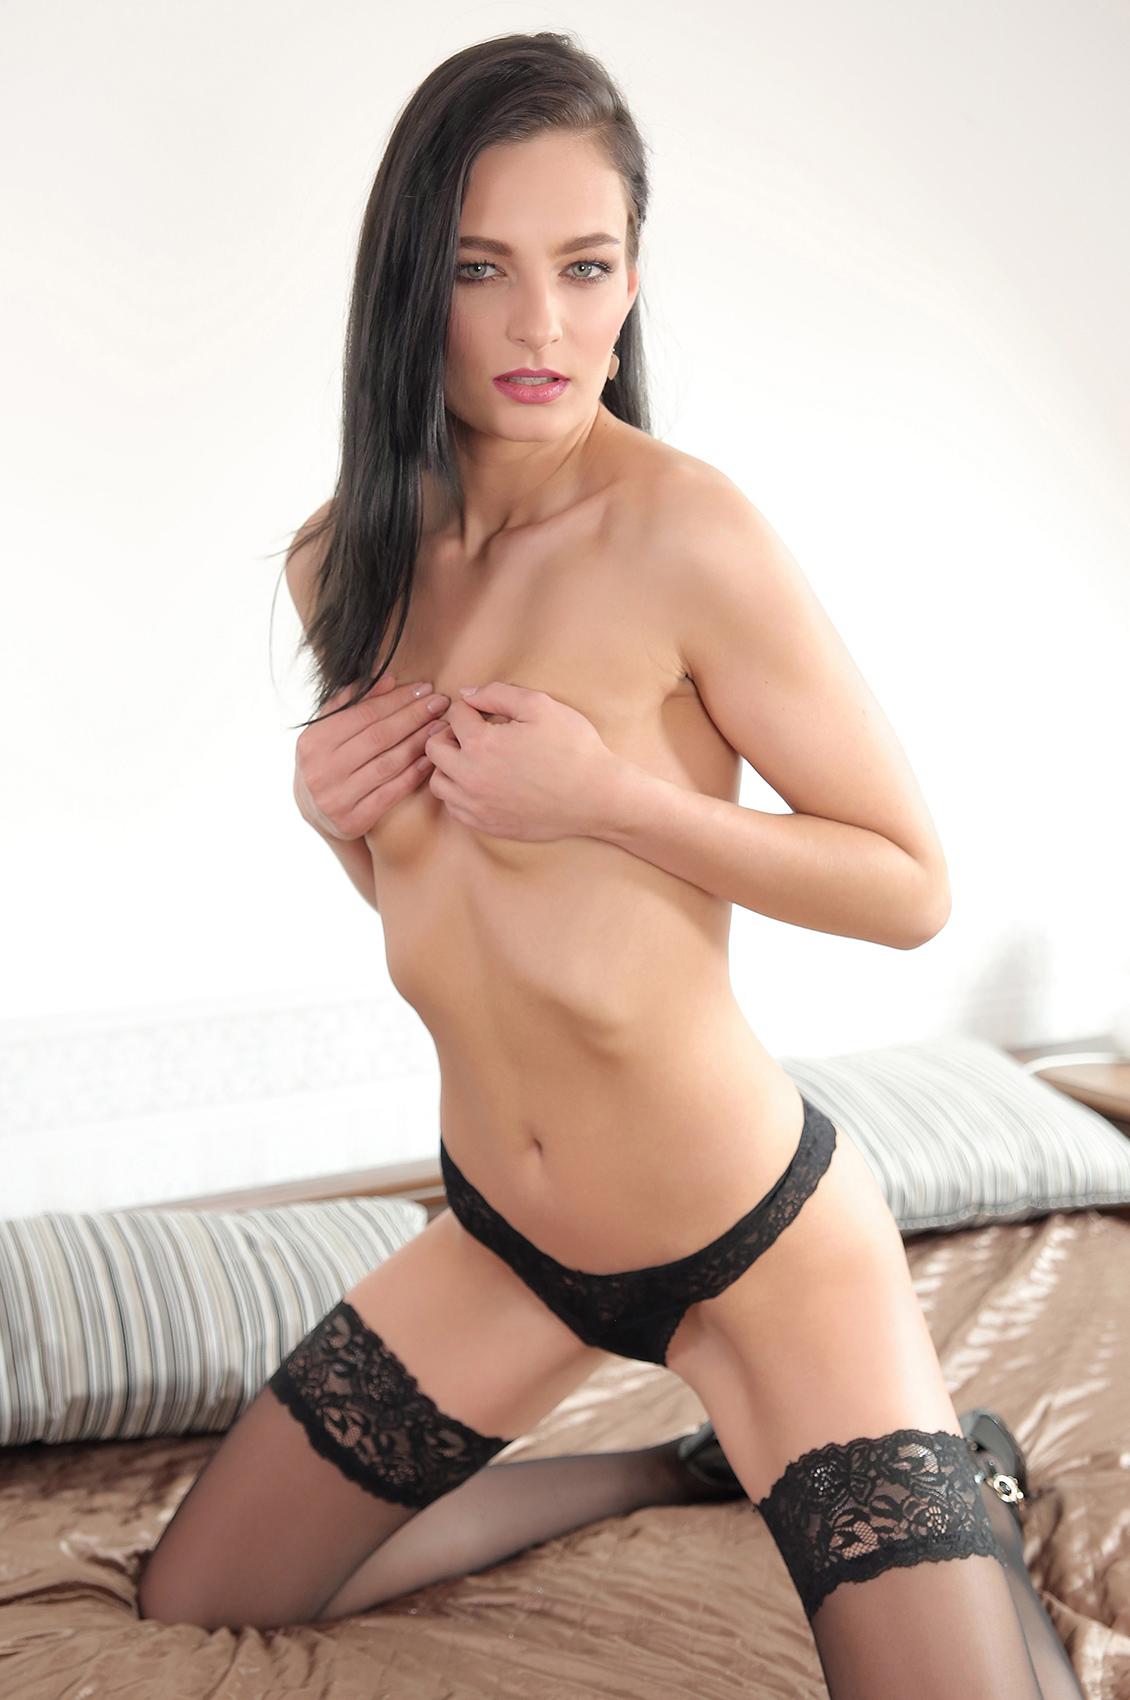 Lee Anne's VR Porn Videos, Bio & Free Nude Pics